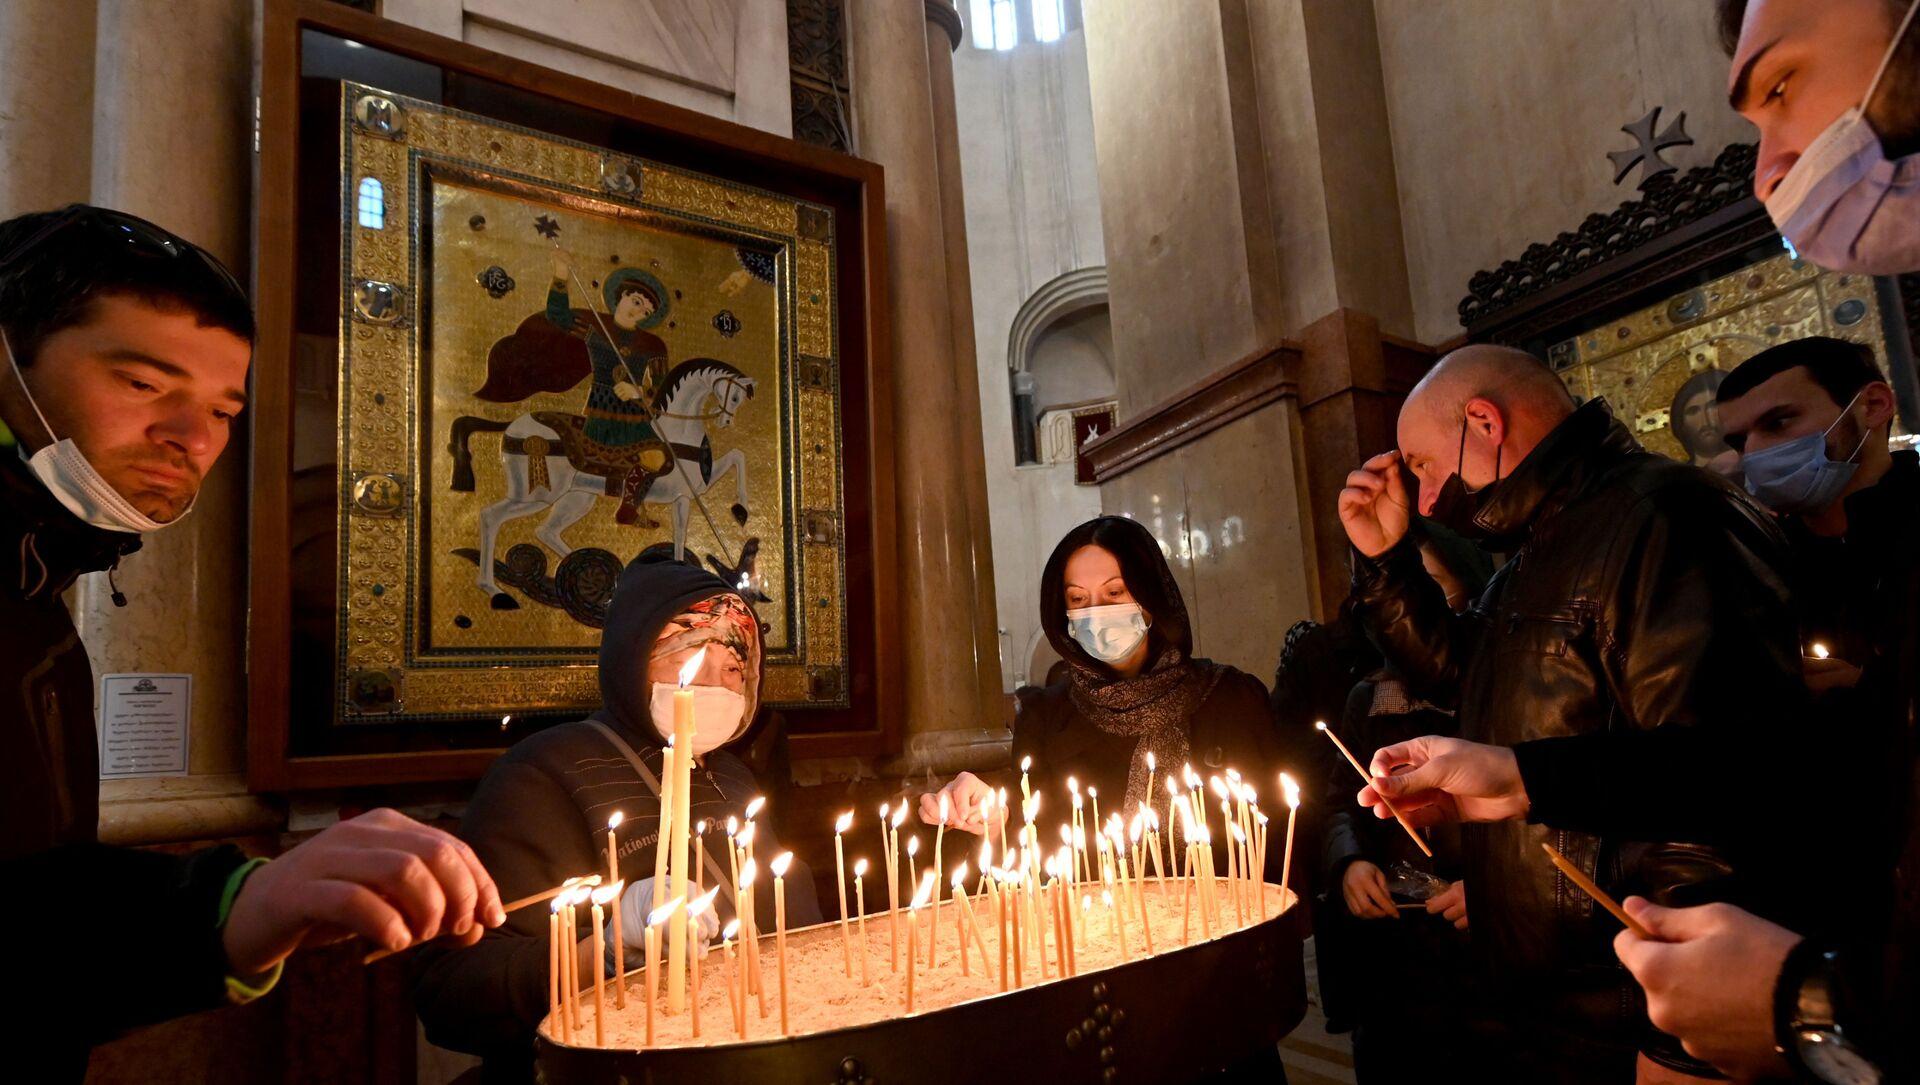 Эпидемия коронавируса. Церковная служба. Верующие в масках - Sputnik Грузия, 1920, 06.05.2021